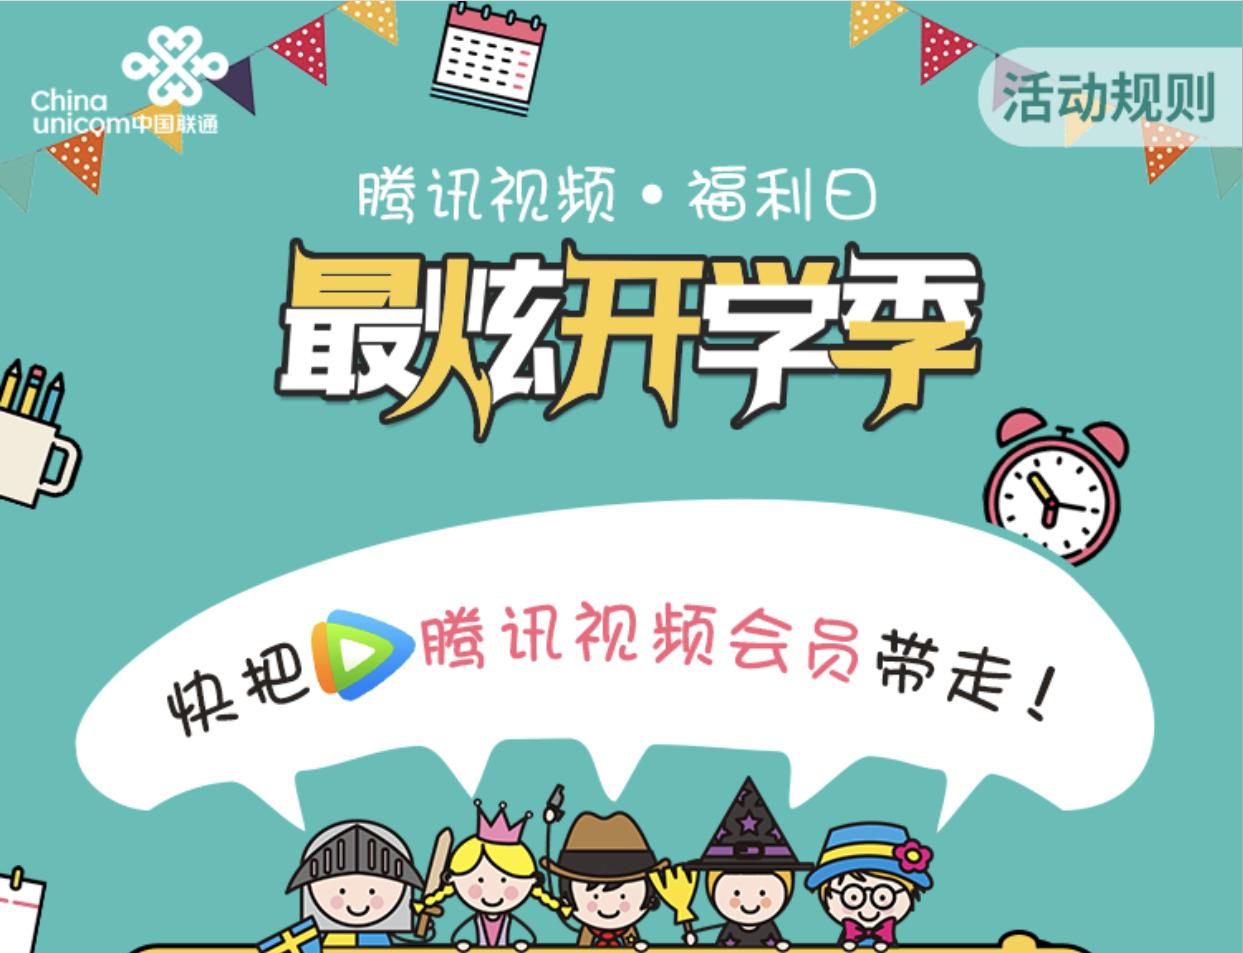 『活动』重庆联通 - 36元购买6个月腾讯视频会员及3.6G全国流量 干货分享 第1张